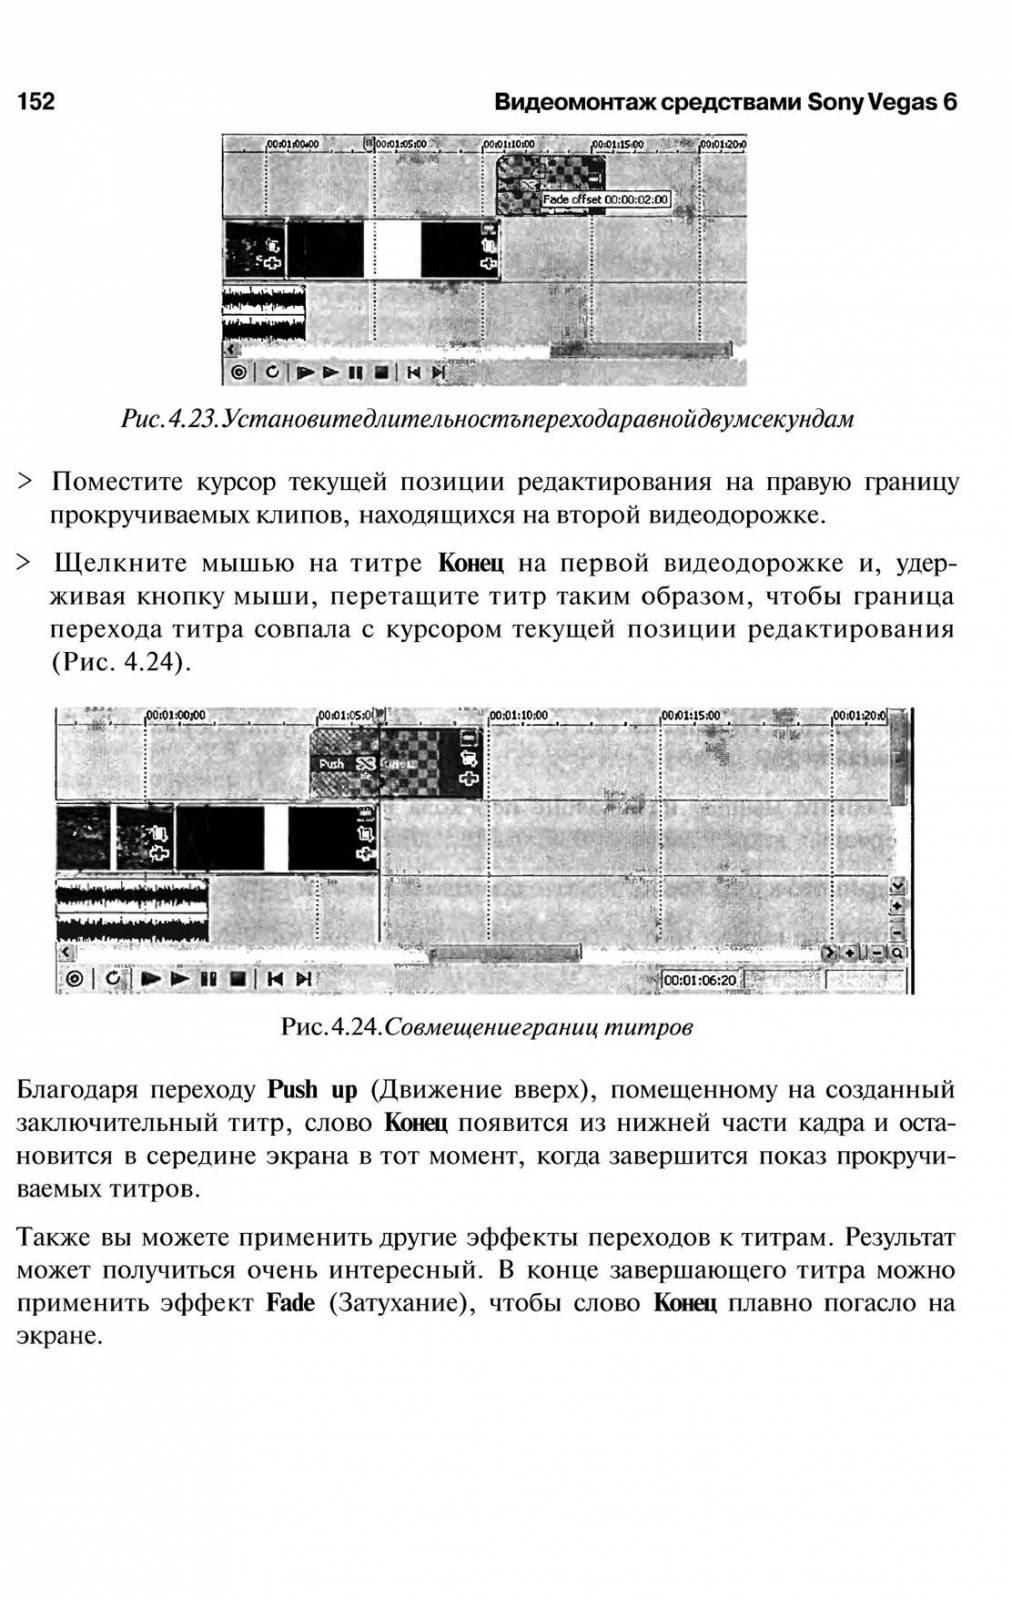 http://redaktori-uroki.3dn.ru/_ph/6/947363734.jpg